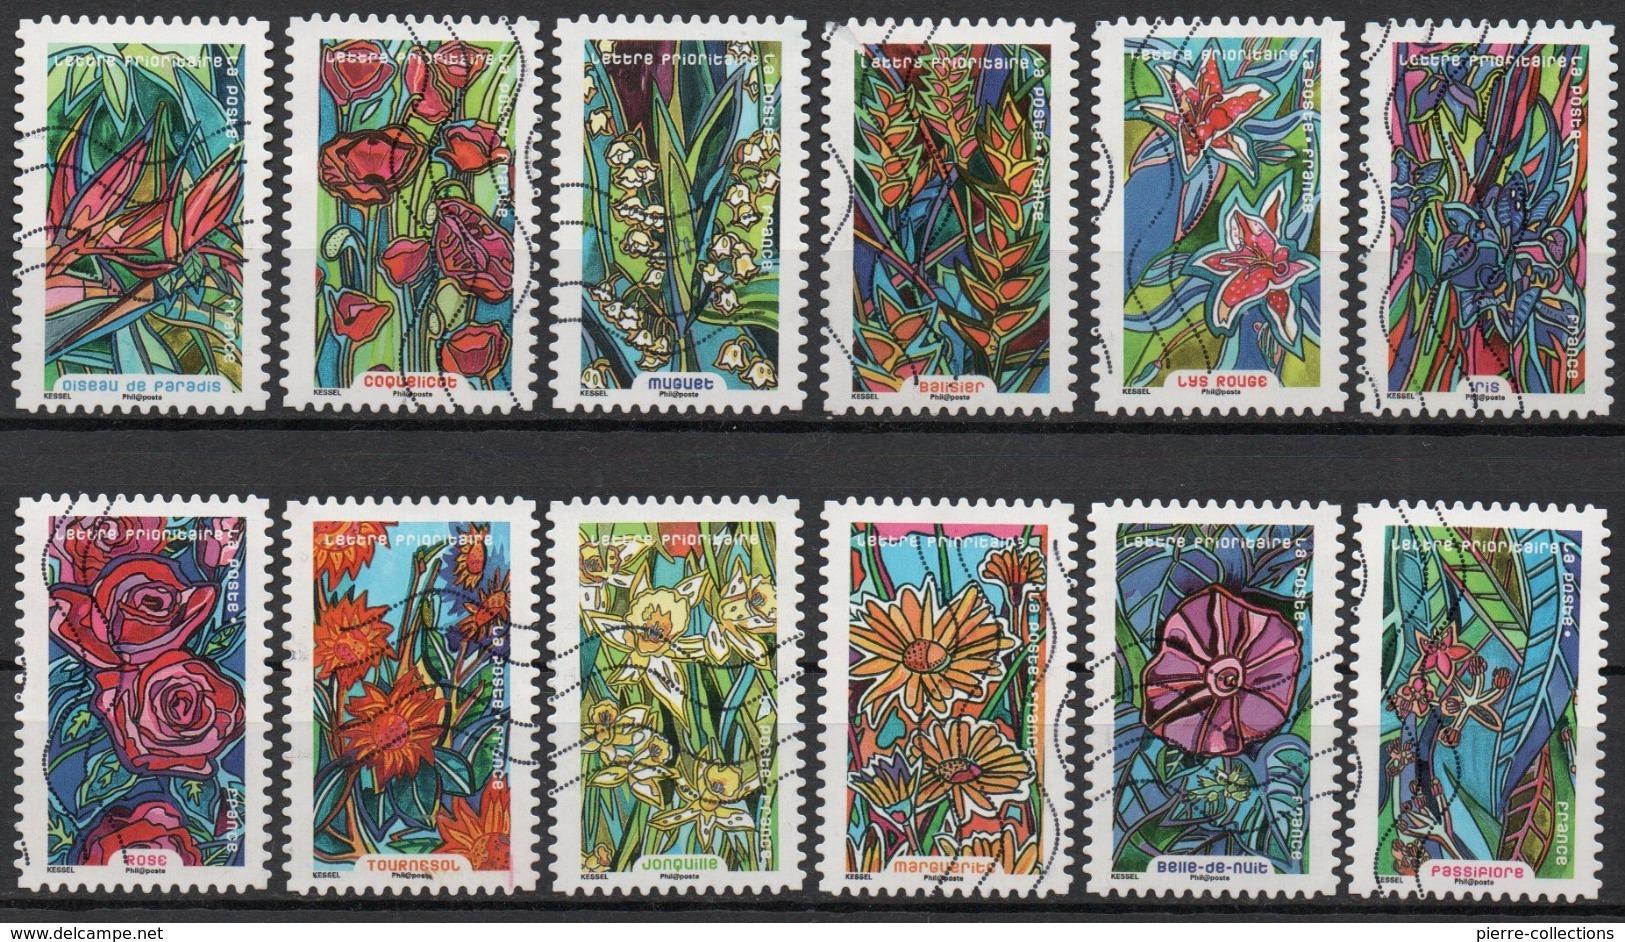 France - Adhésifs N° 1300 à 1311 Oblitérés - Série Complète - Botanique - Fleurs - France